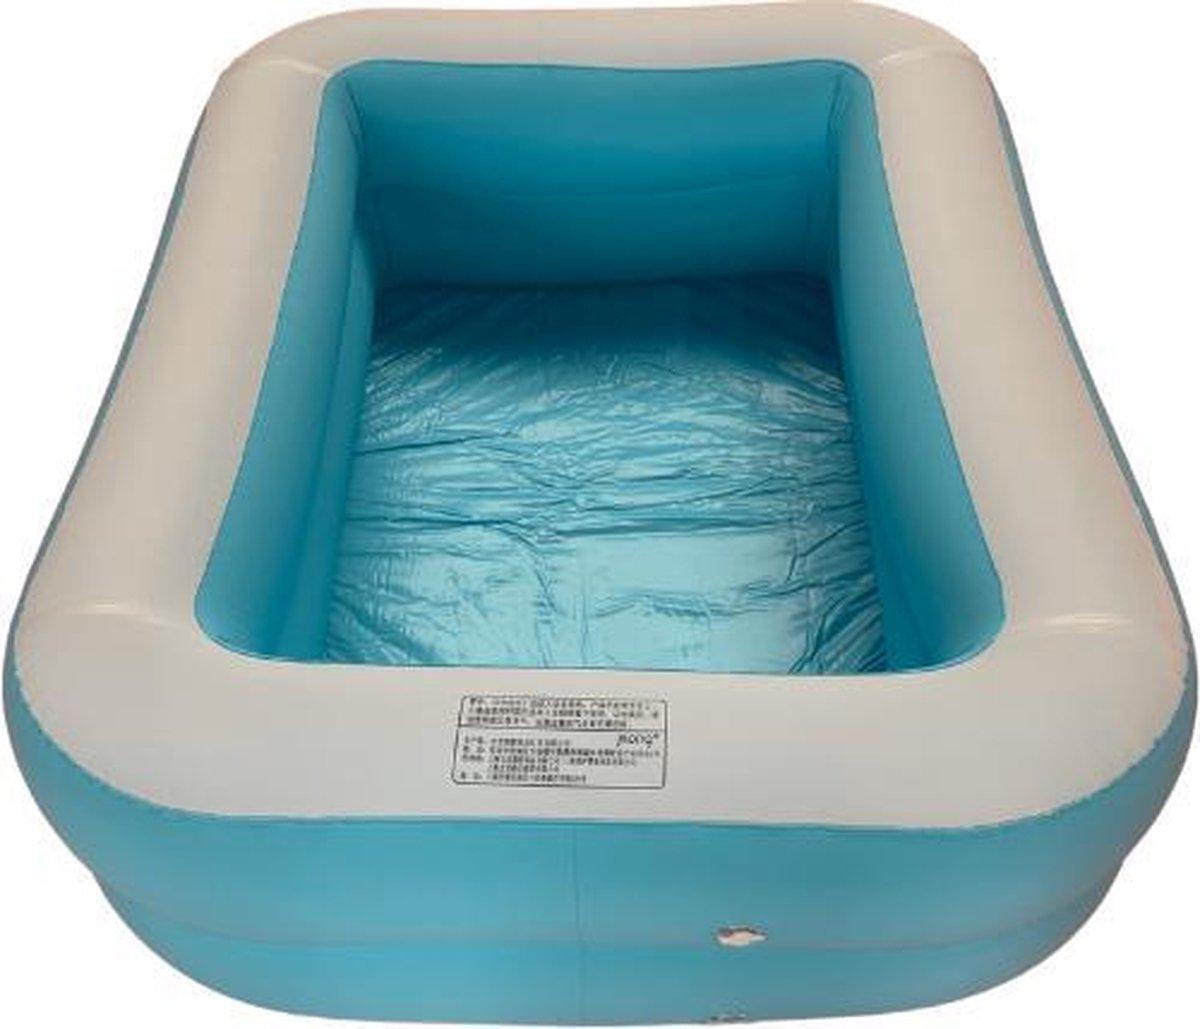 Opblaasbaar Zwembad Rechthoekig Blauw - 110x88x33 Kinderbad - bad - Zwemparadijs - opblaas zwembad in tuin - met leegloop ventiel